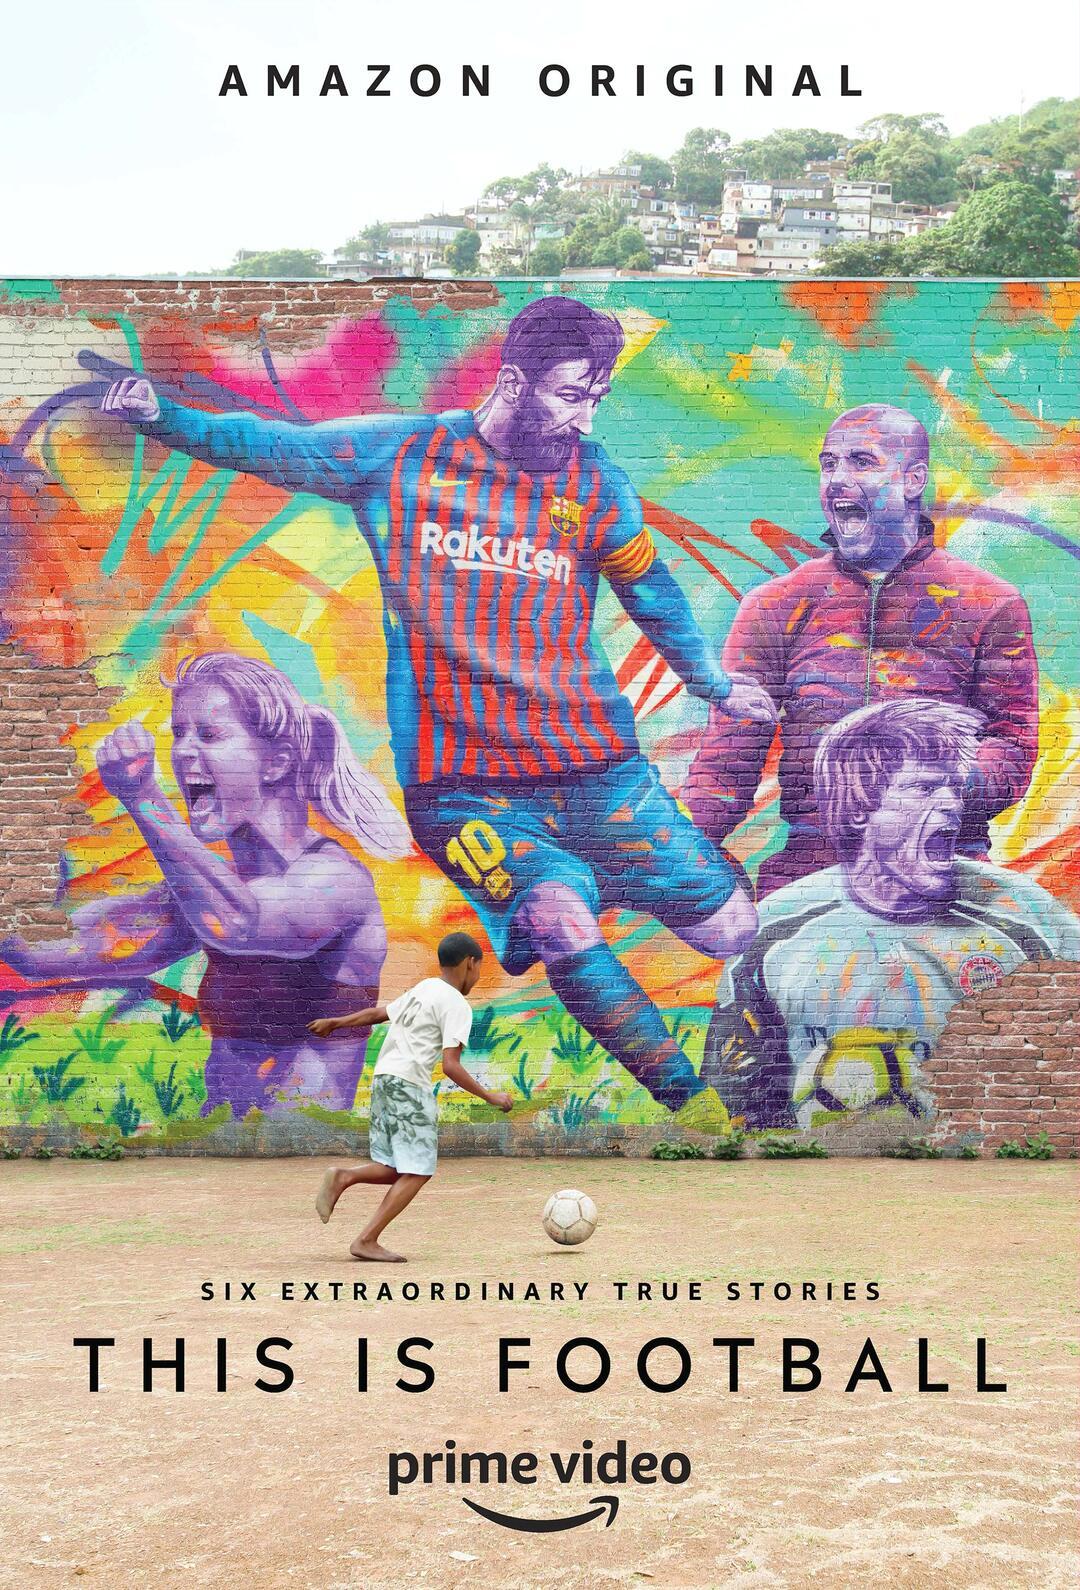 Doku-Serie This Is Football startet am 2. August exklusiv bei Amazon - Bild 1 von 1